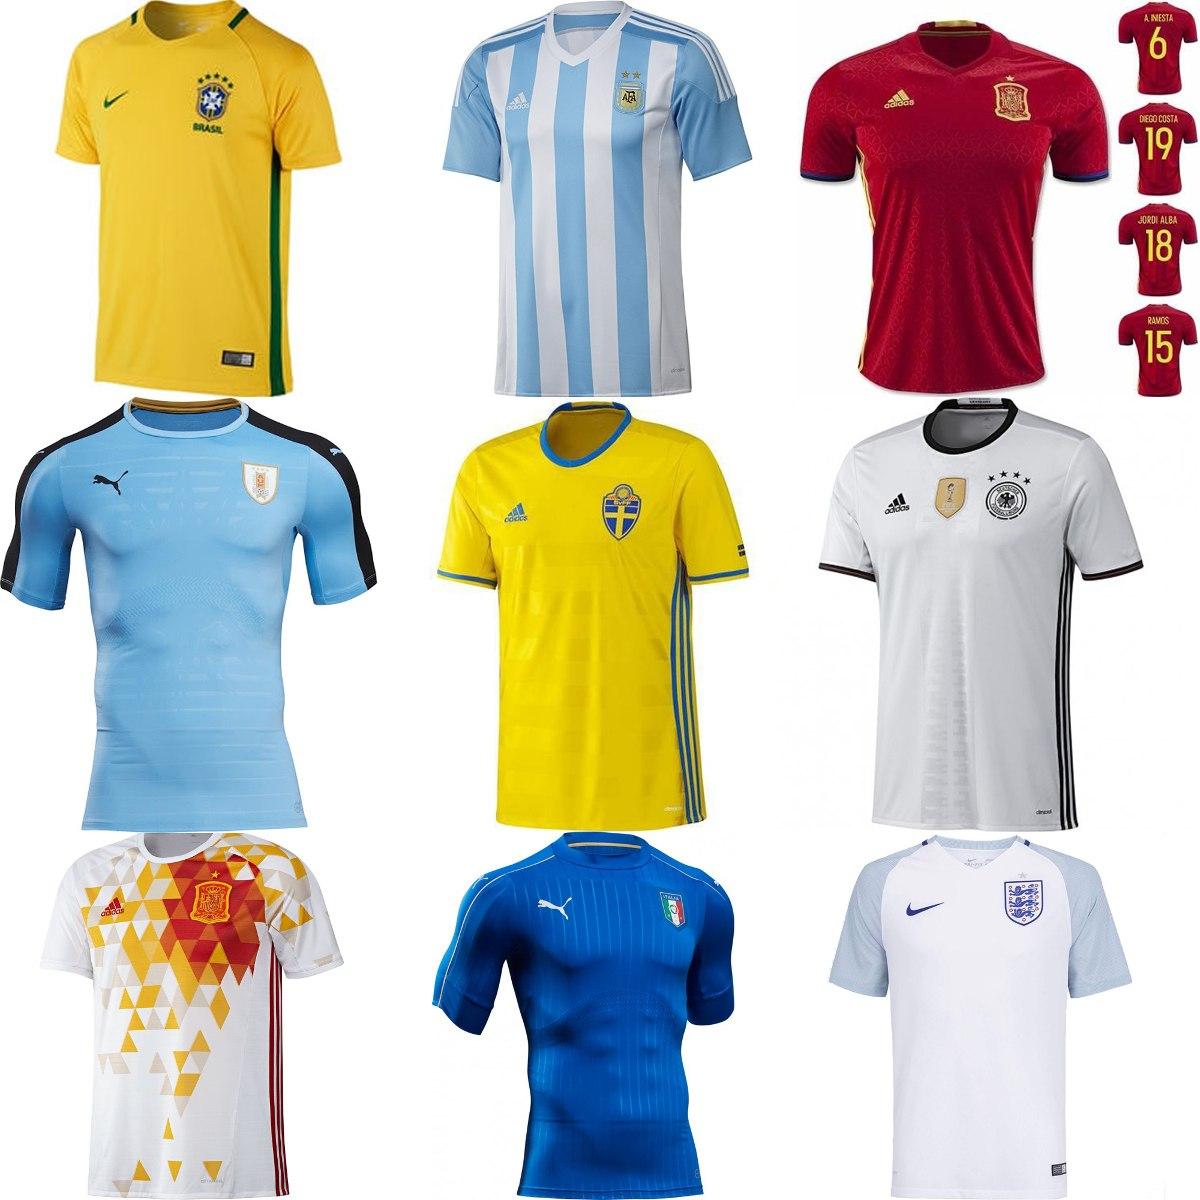 e6b15b640f Camisas De Clubes Europeus E Seleções - Frete Grátis Brasil - R  119 ...